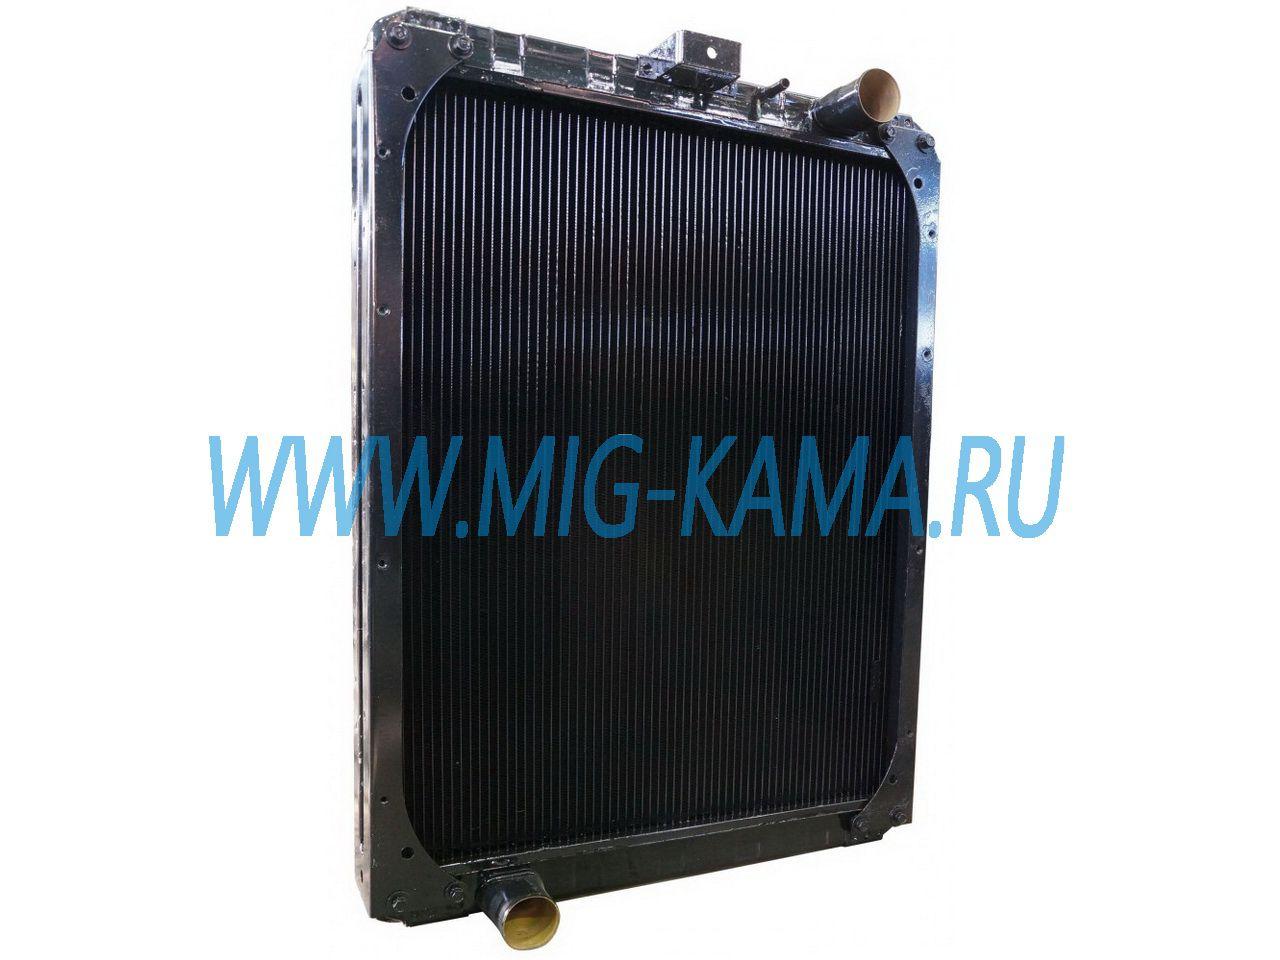 Радиатор основной 65115 Евро 3-х рядный / Шадринск 65115Ш-1301010-21 купить цена недорого